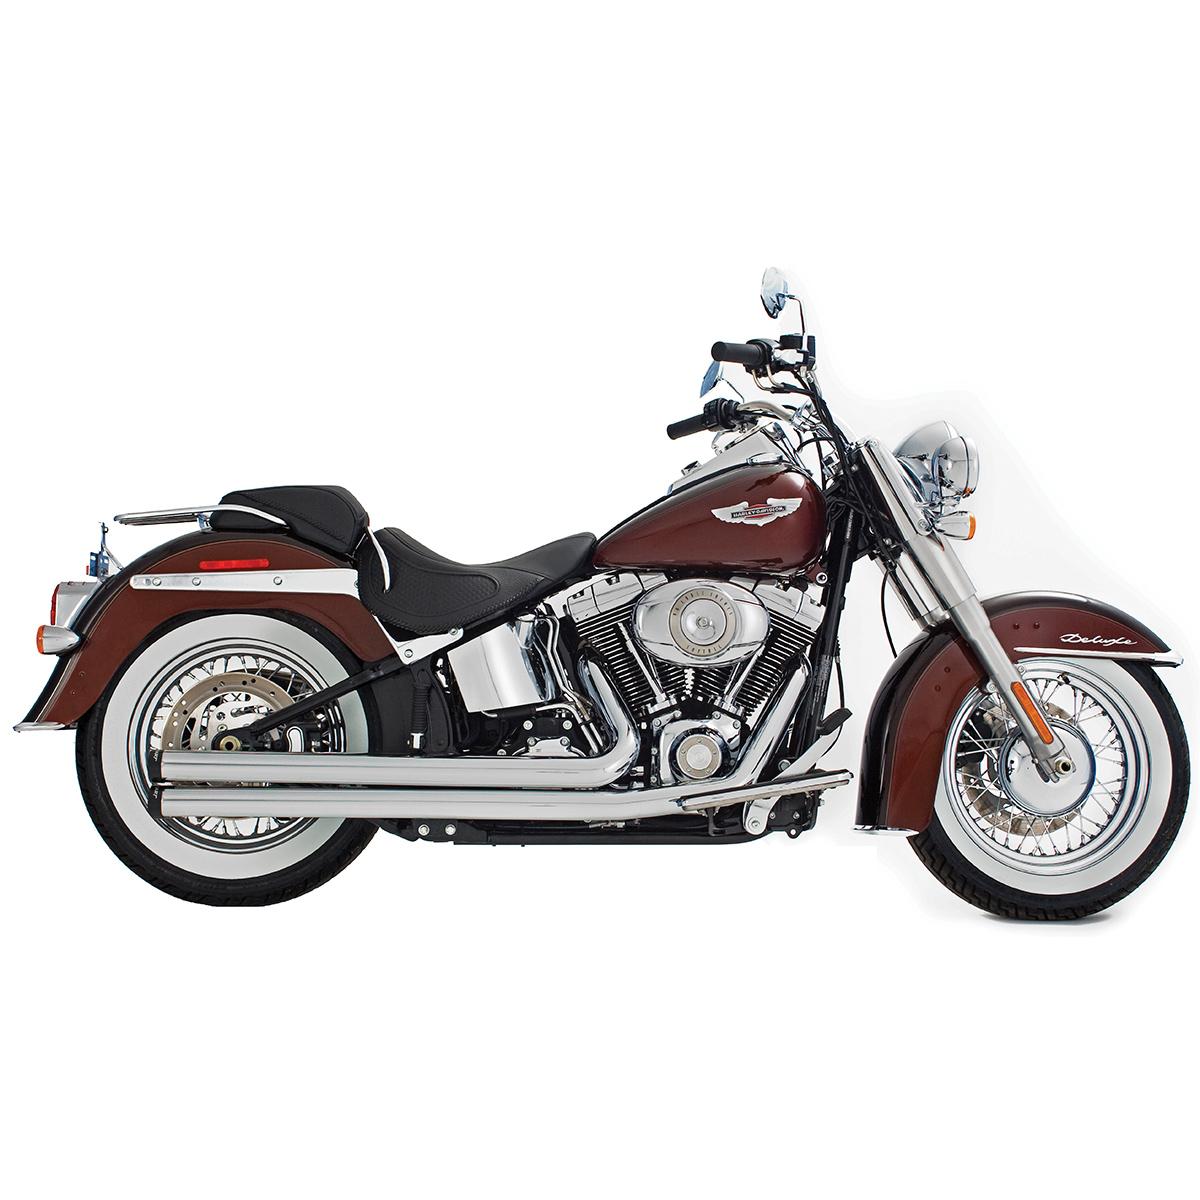 2002 Harley Davidson Sportster 1200 Carburetor - Best Auto